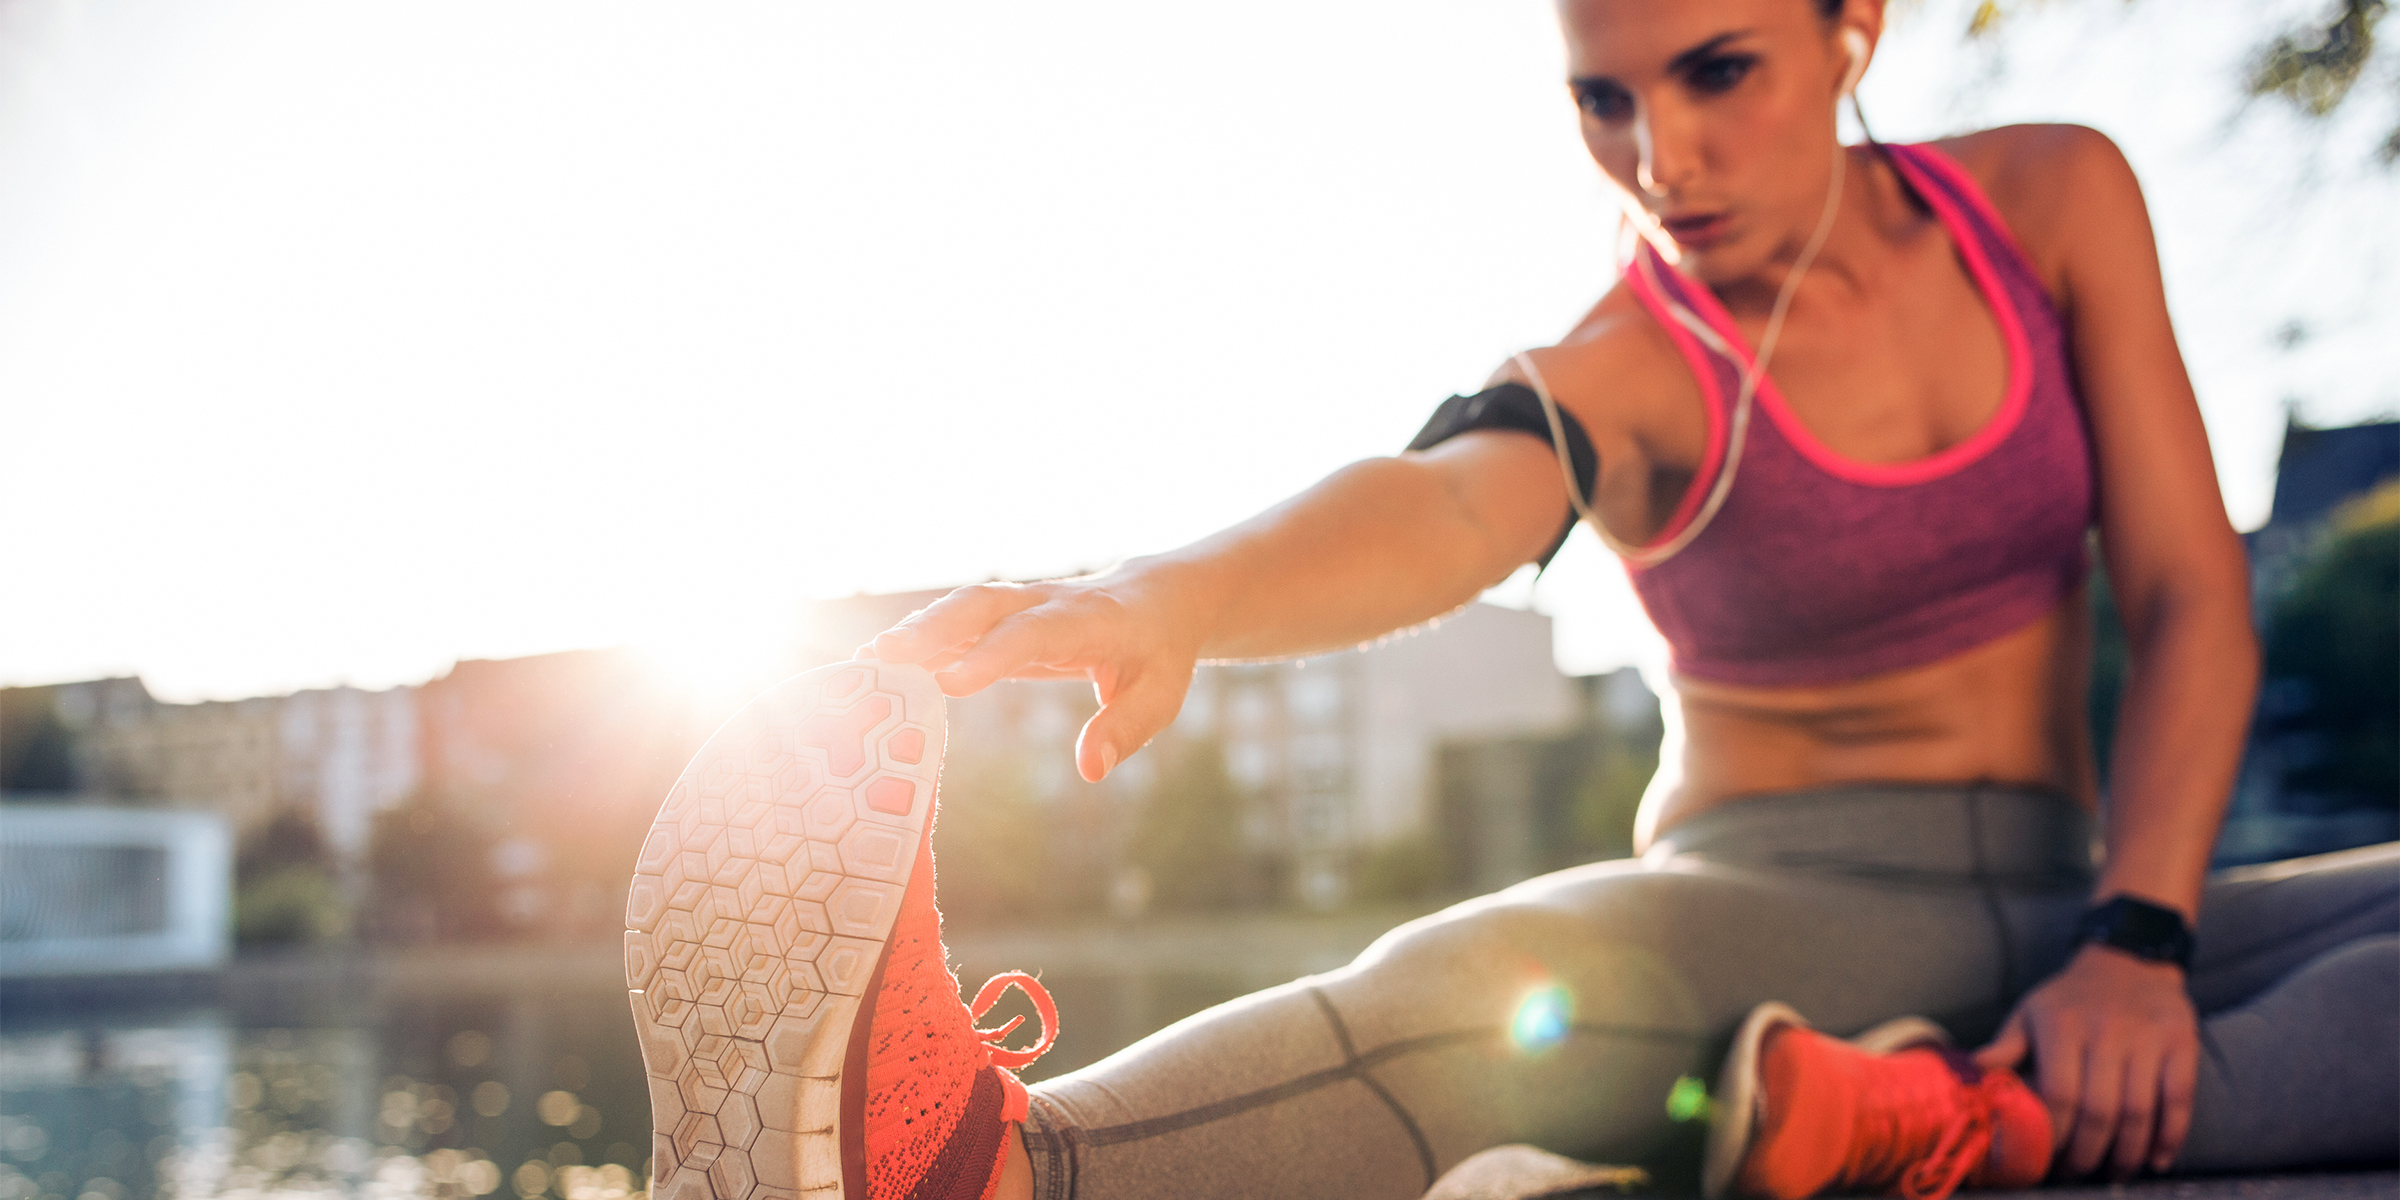 Friss hírek: Hat a magas vérnyomásra, a koleszterinszintre, az ízületeinkre, immunrendszerünkre.